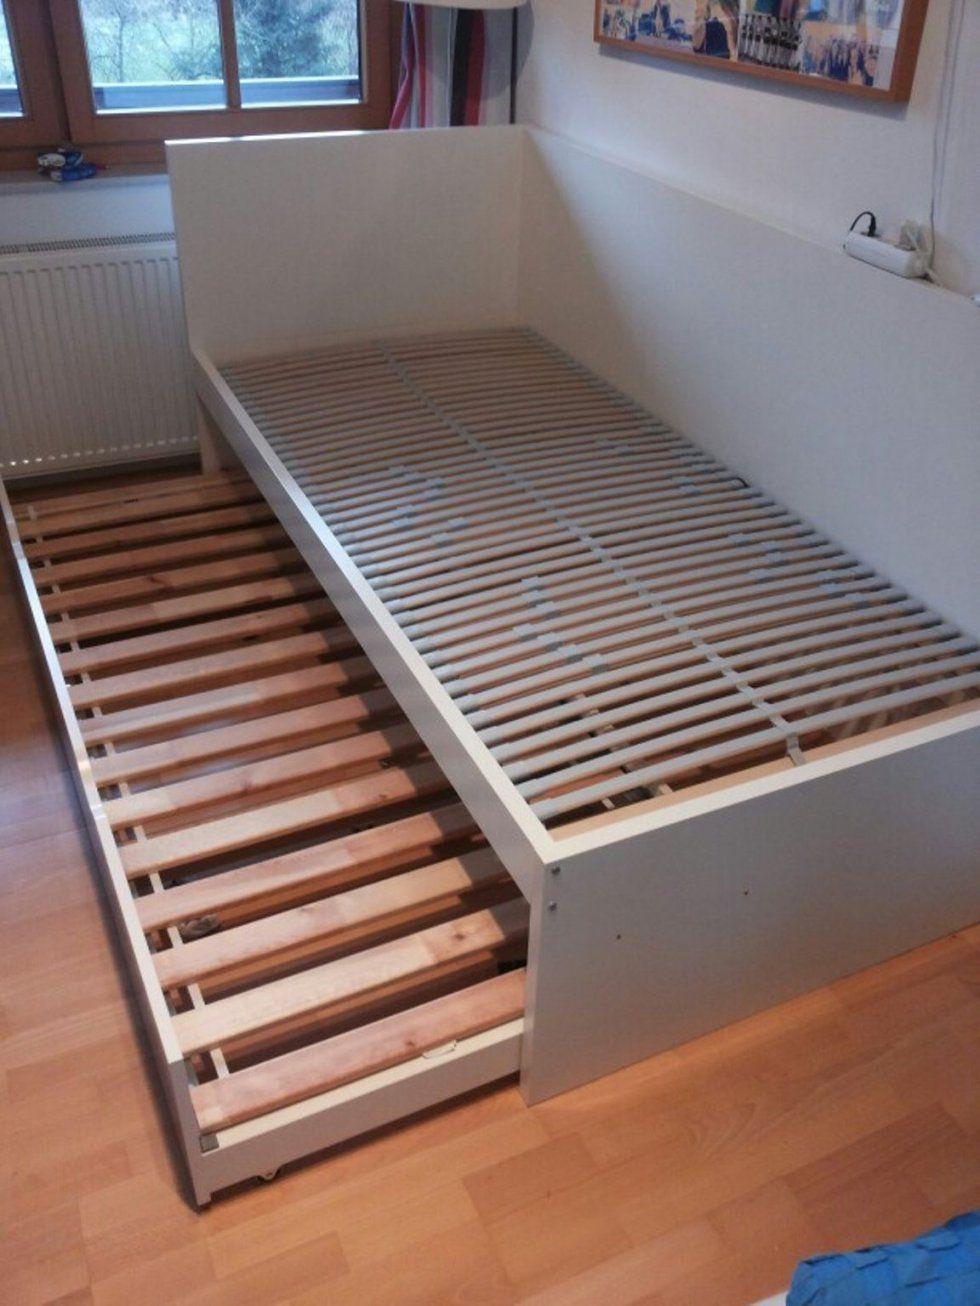 Gebraucht Flaxa Bett Mit Unterbett Von Ikea In 4300 Sankt Valentin von Ikea Einzelbett Mit Unterbett Bild